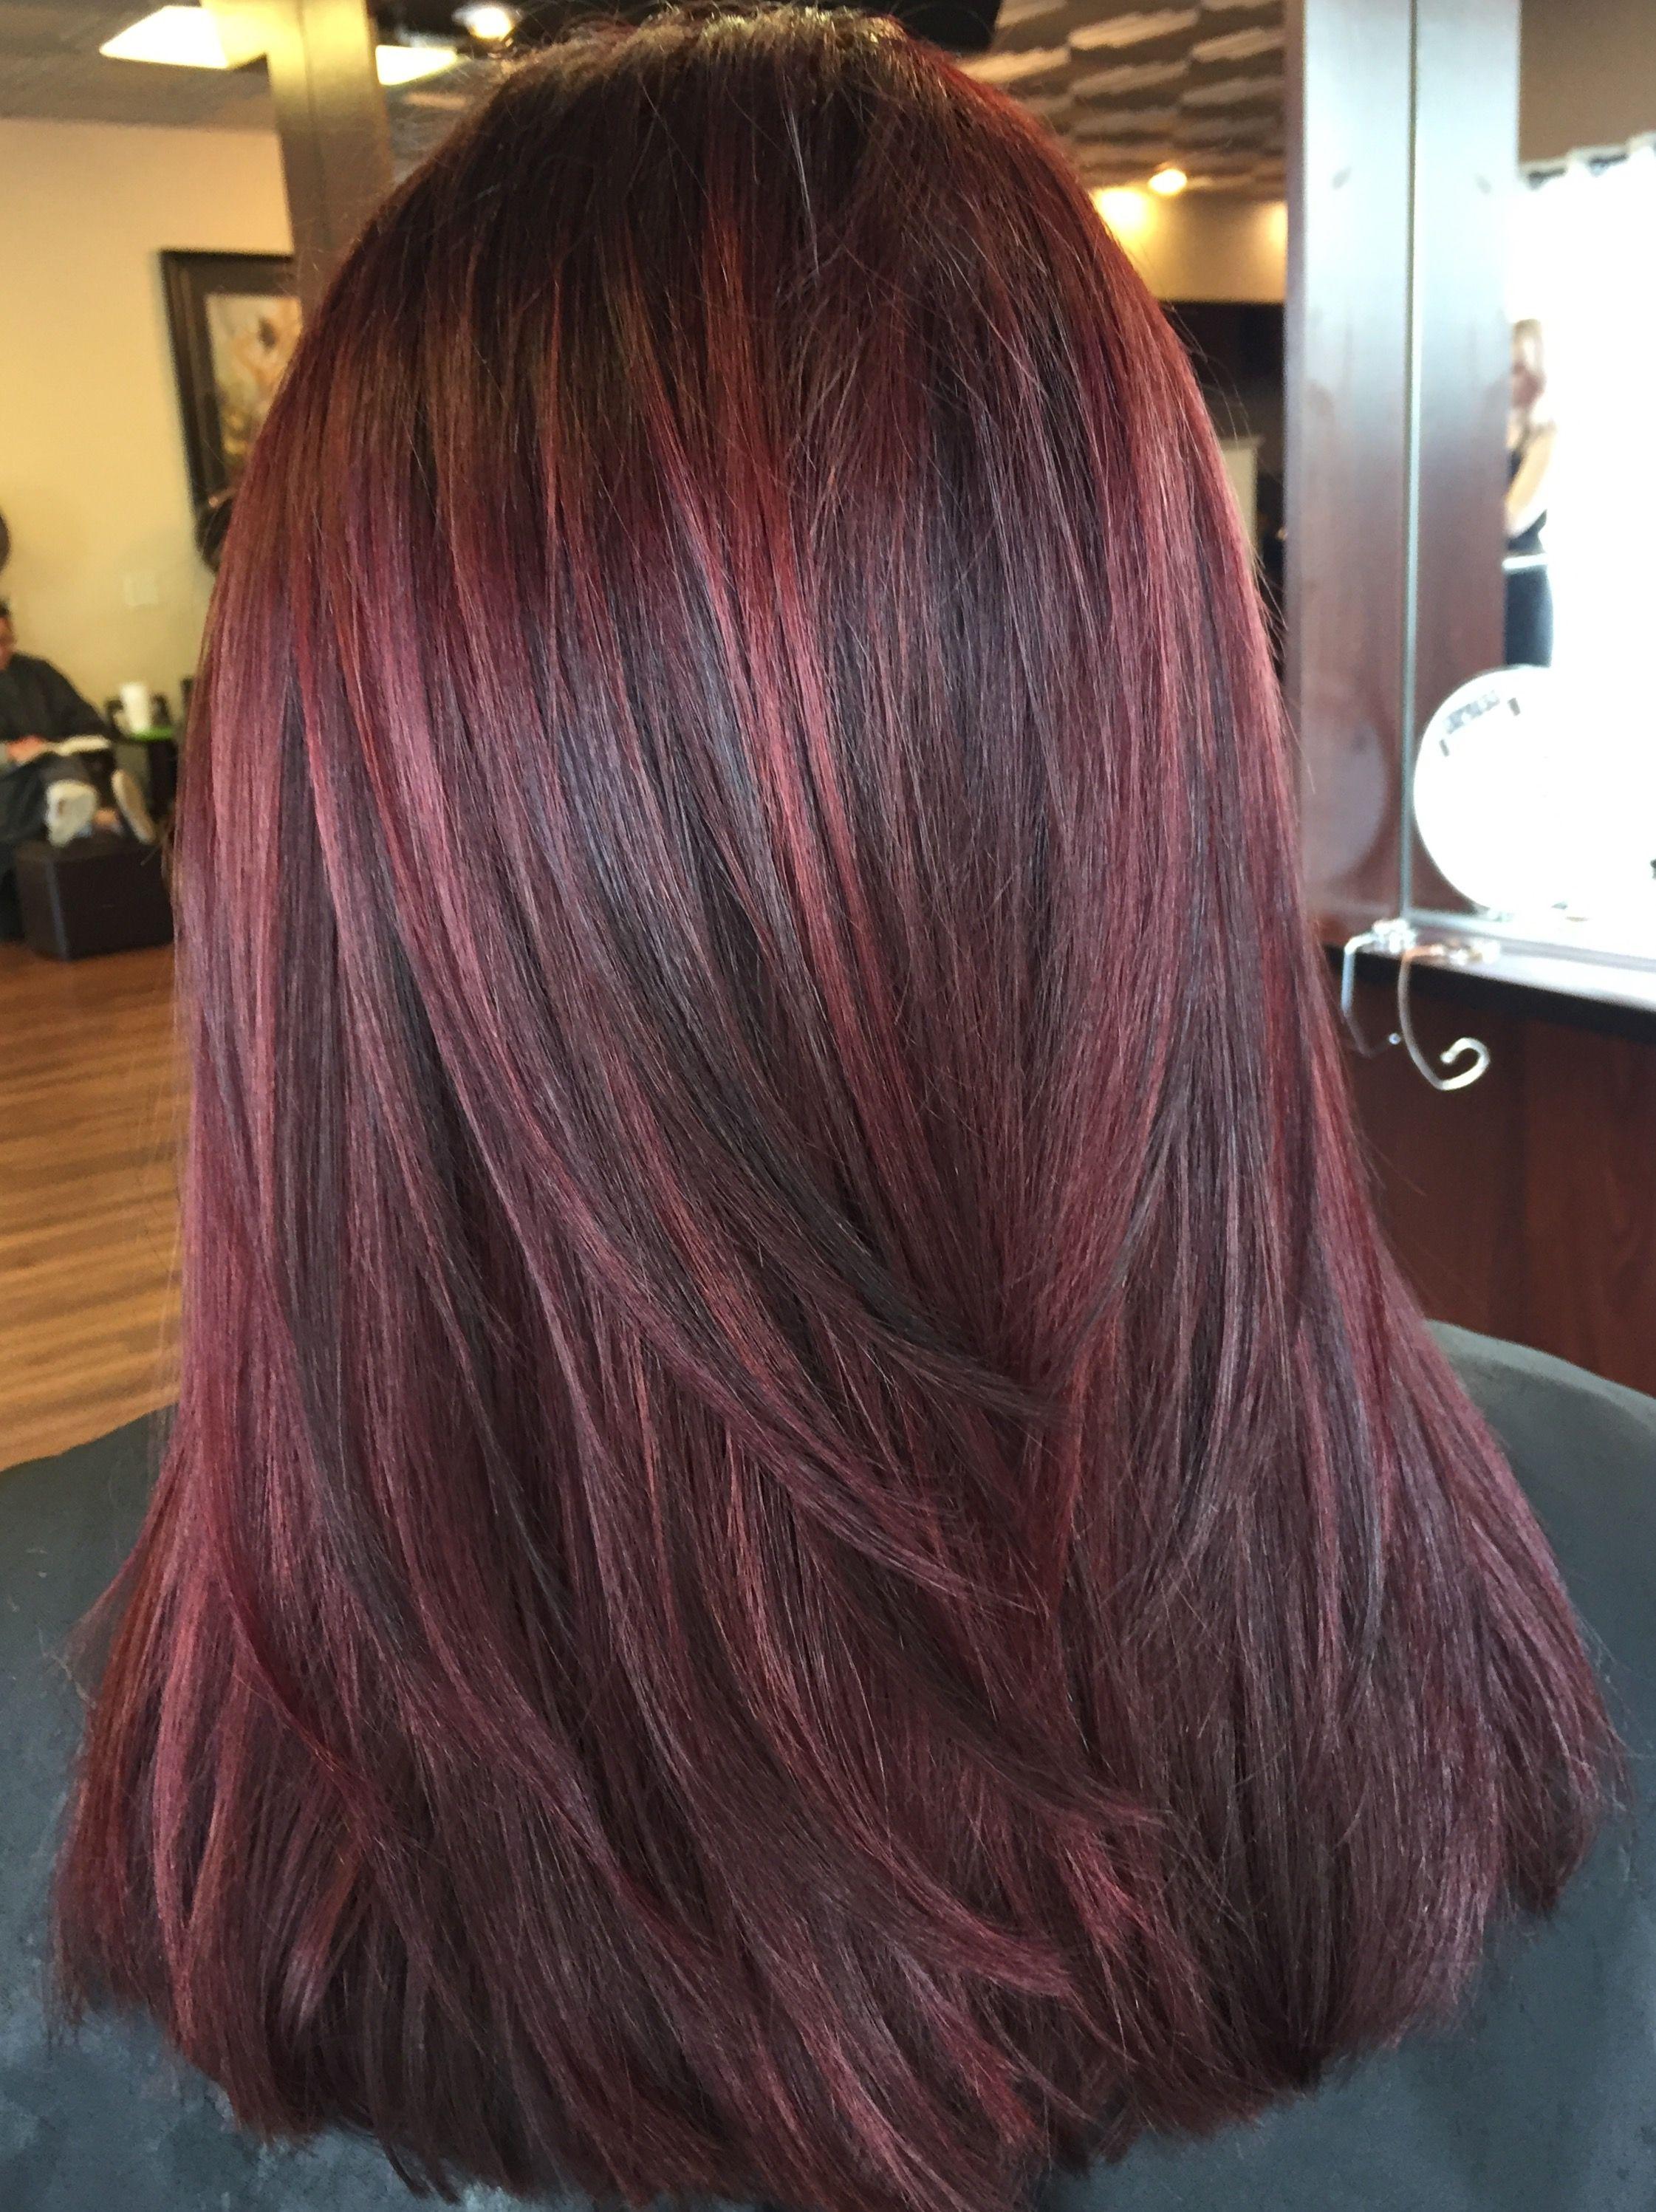 Бордовые пряди на темных волосах 30 фото 💇 Для Роста Волос